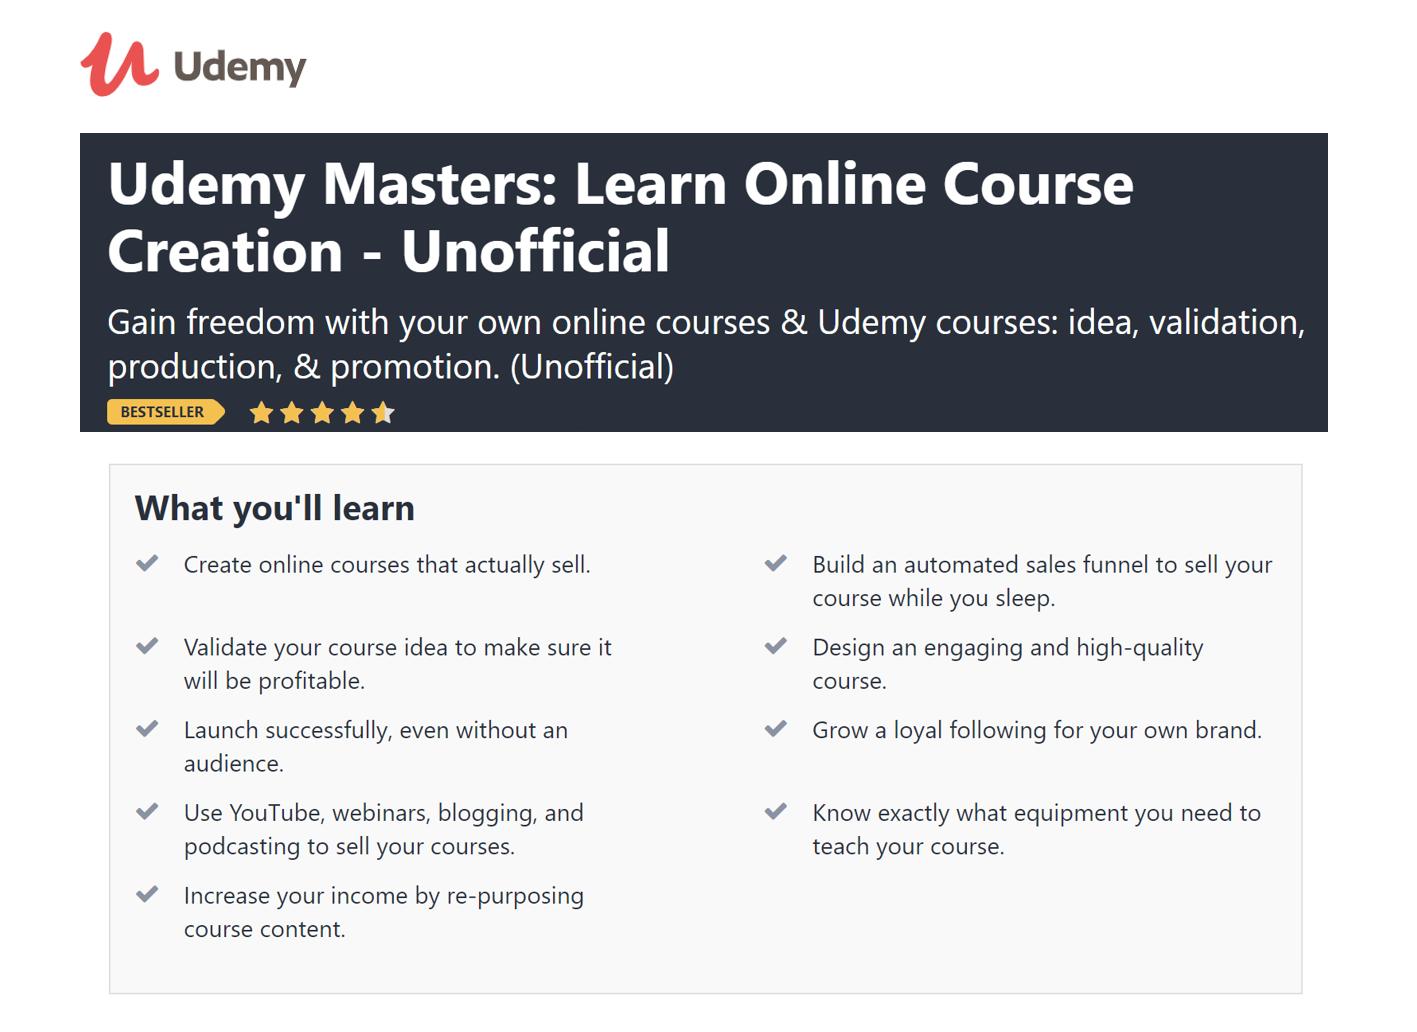 Udemy Online Course Description